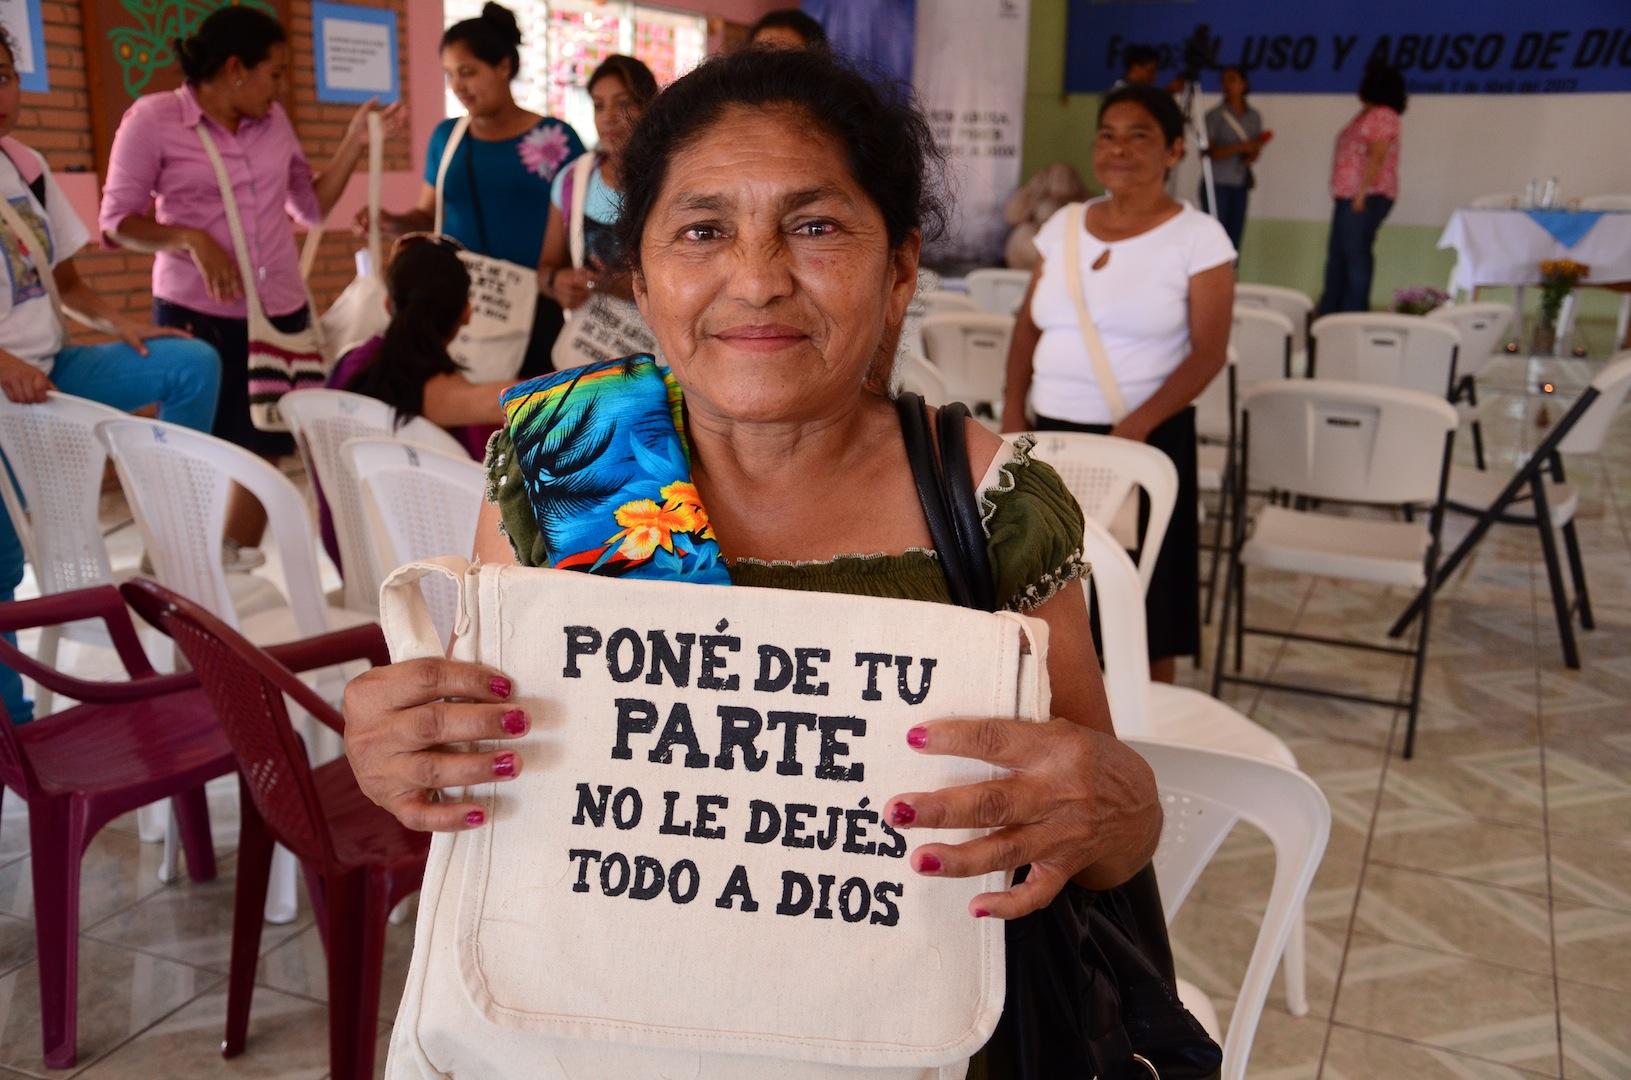 Las mujeres se identificaron con los materiales de la campaña